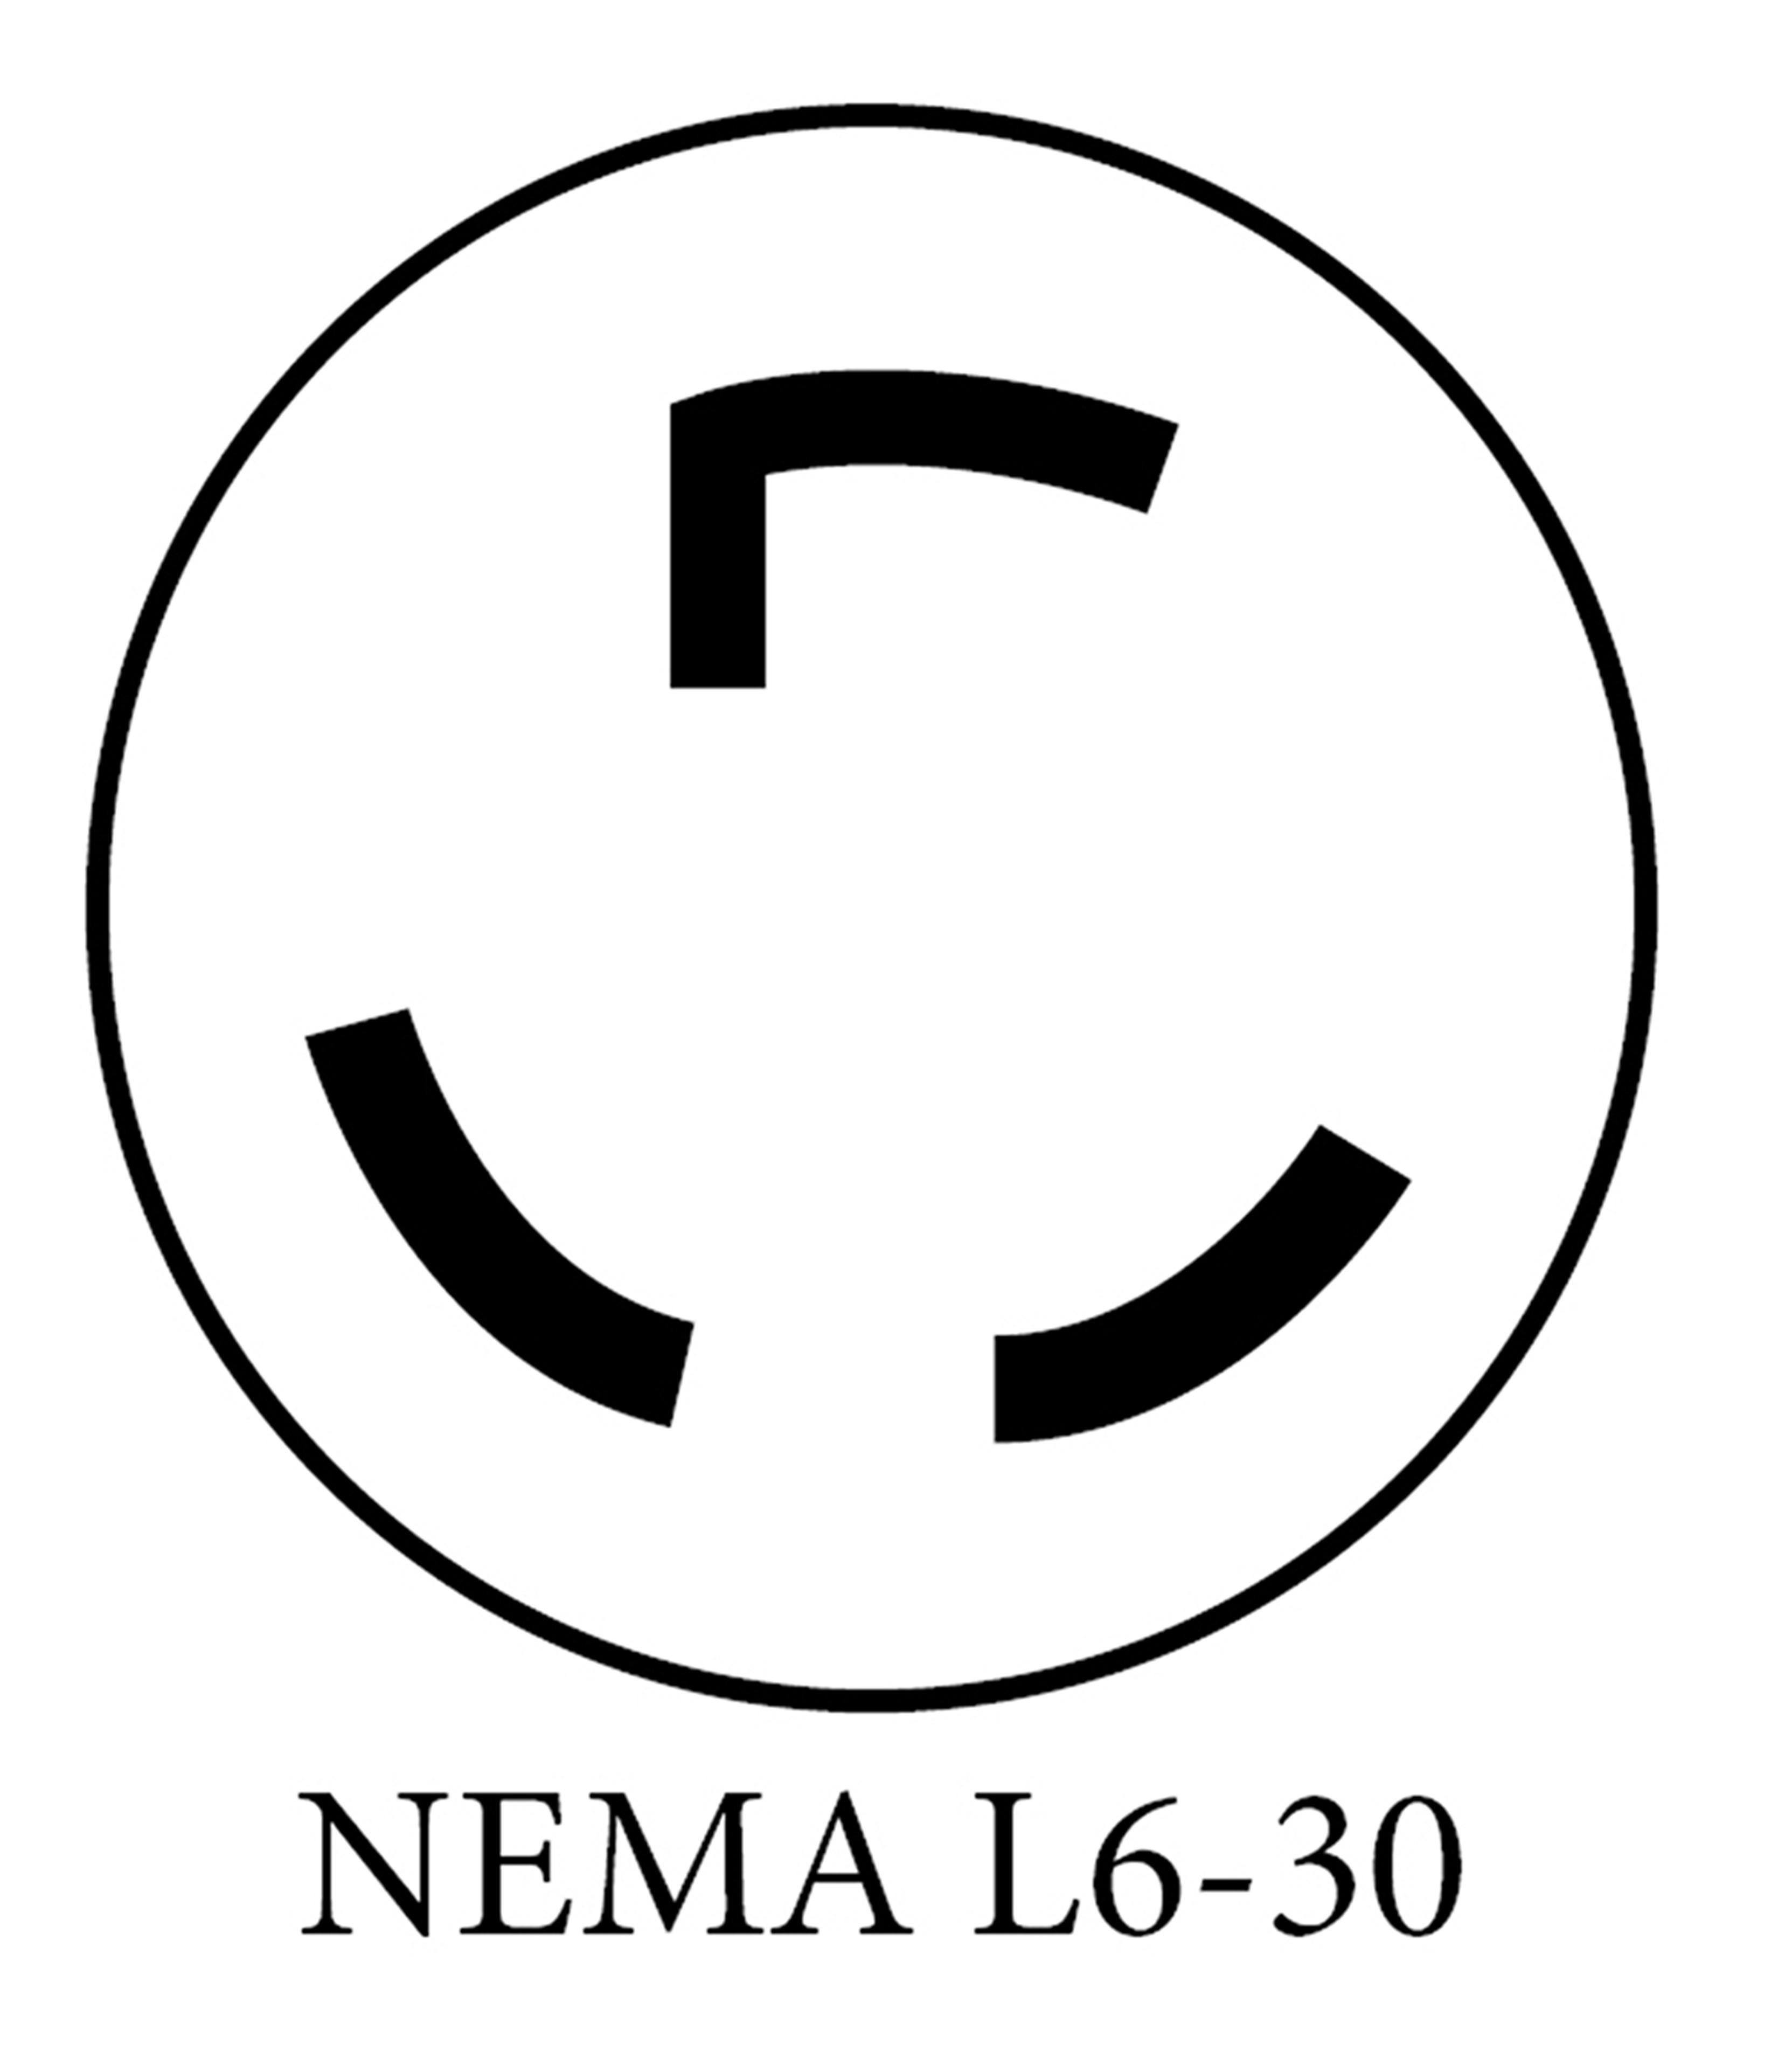 Nema L6 20 Wiring